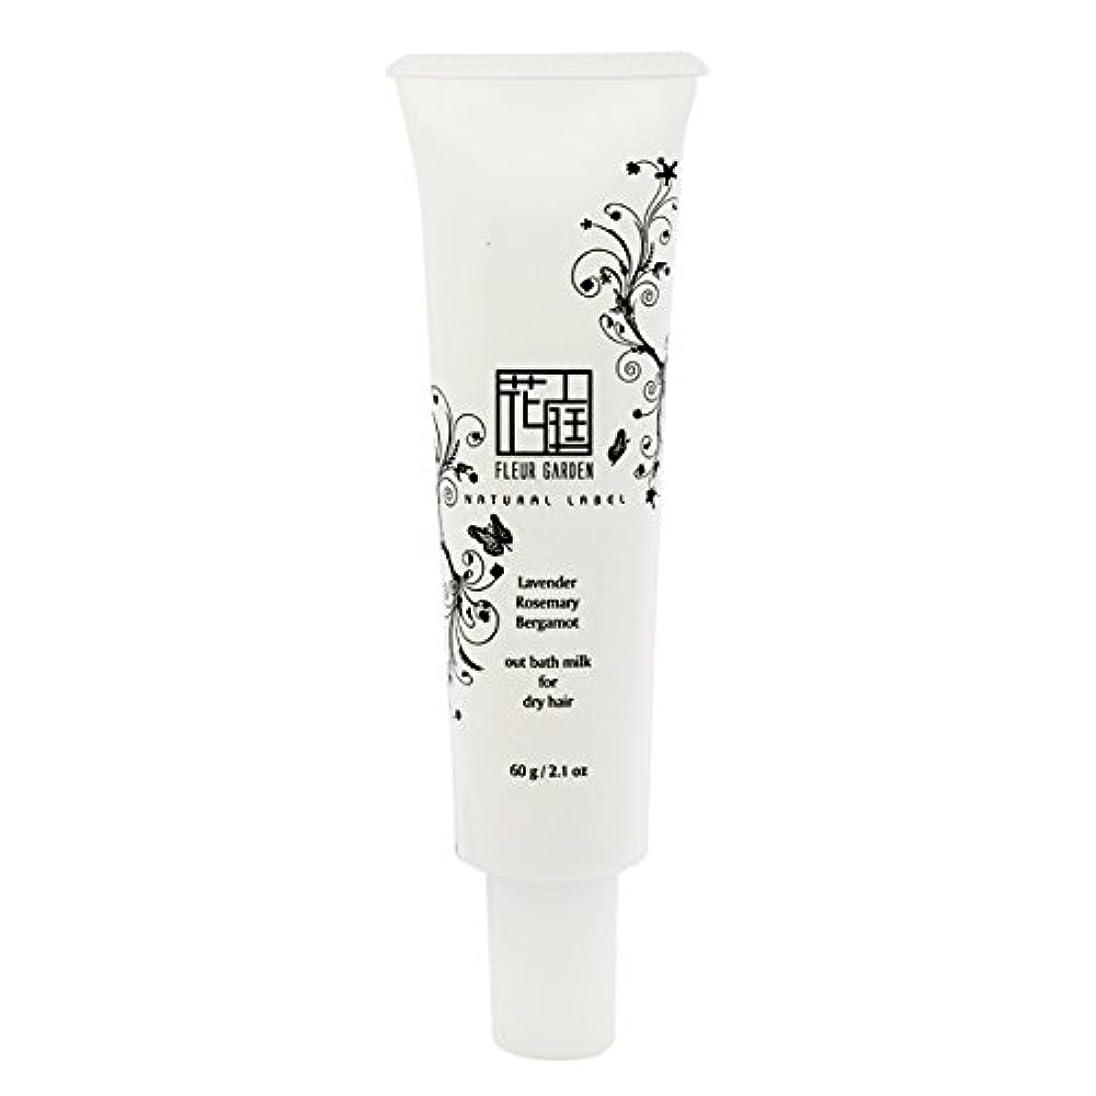 蚊セージ伴う【フォーフルール】花庭ナチュラルレーベル アウトバス ミルク (ダメージヘア/ドライヘア用) 60g